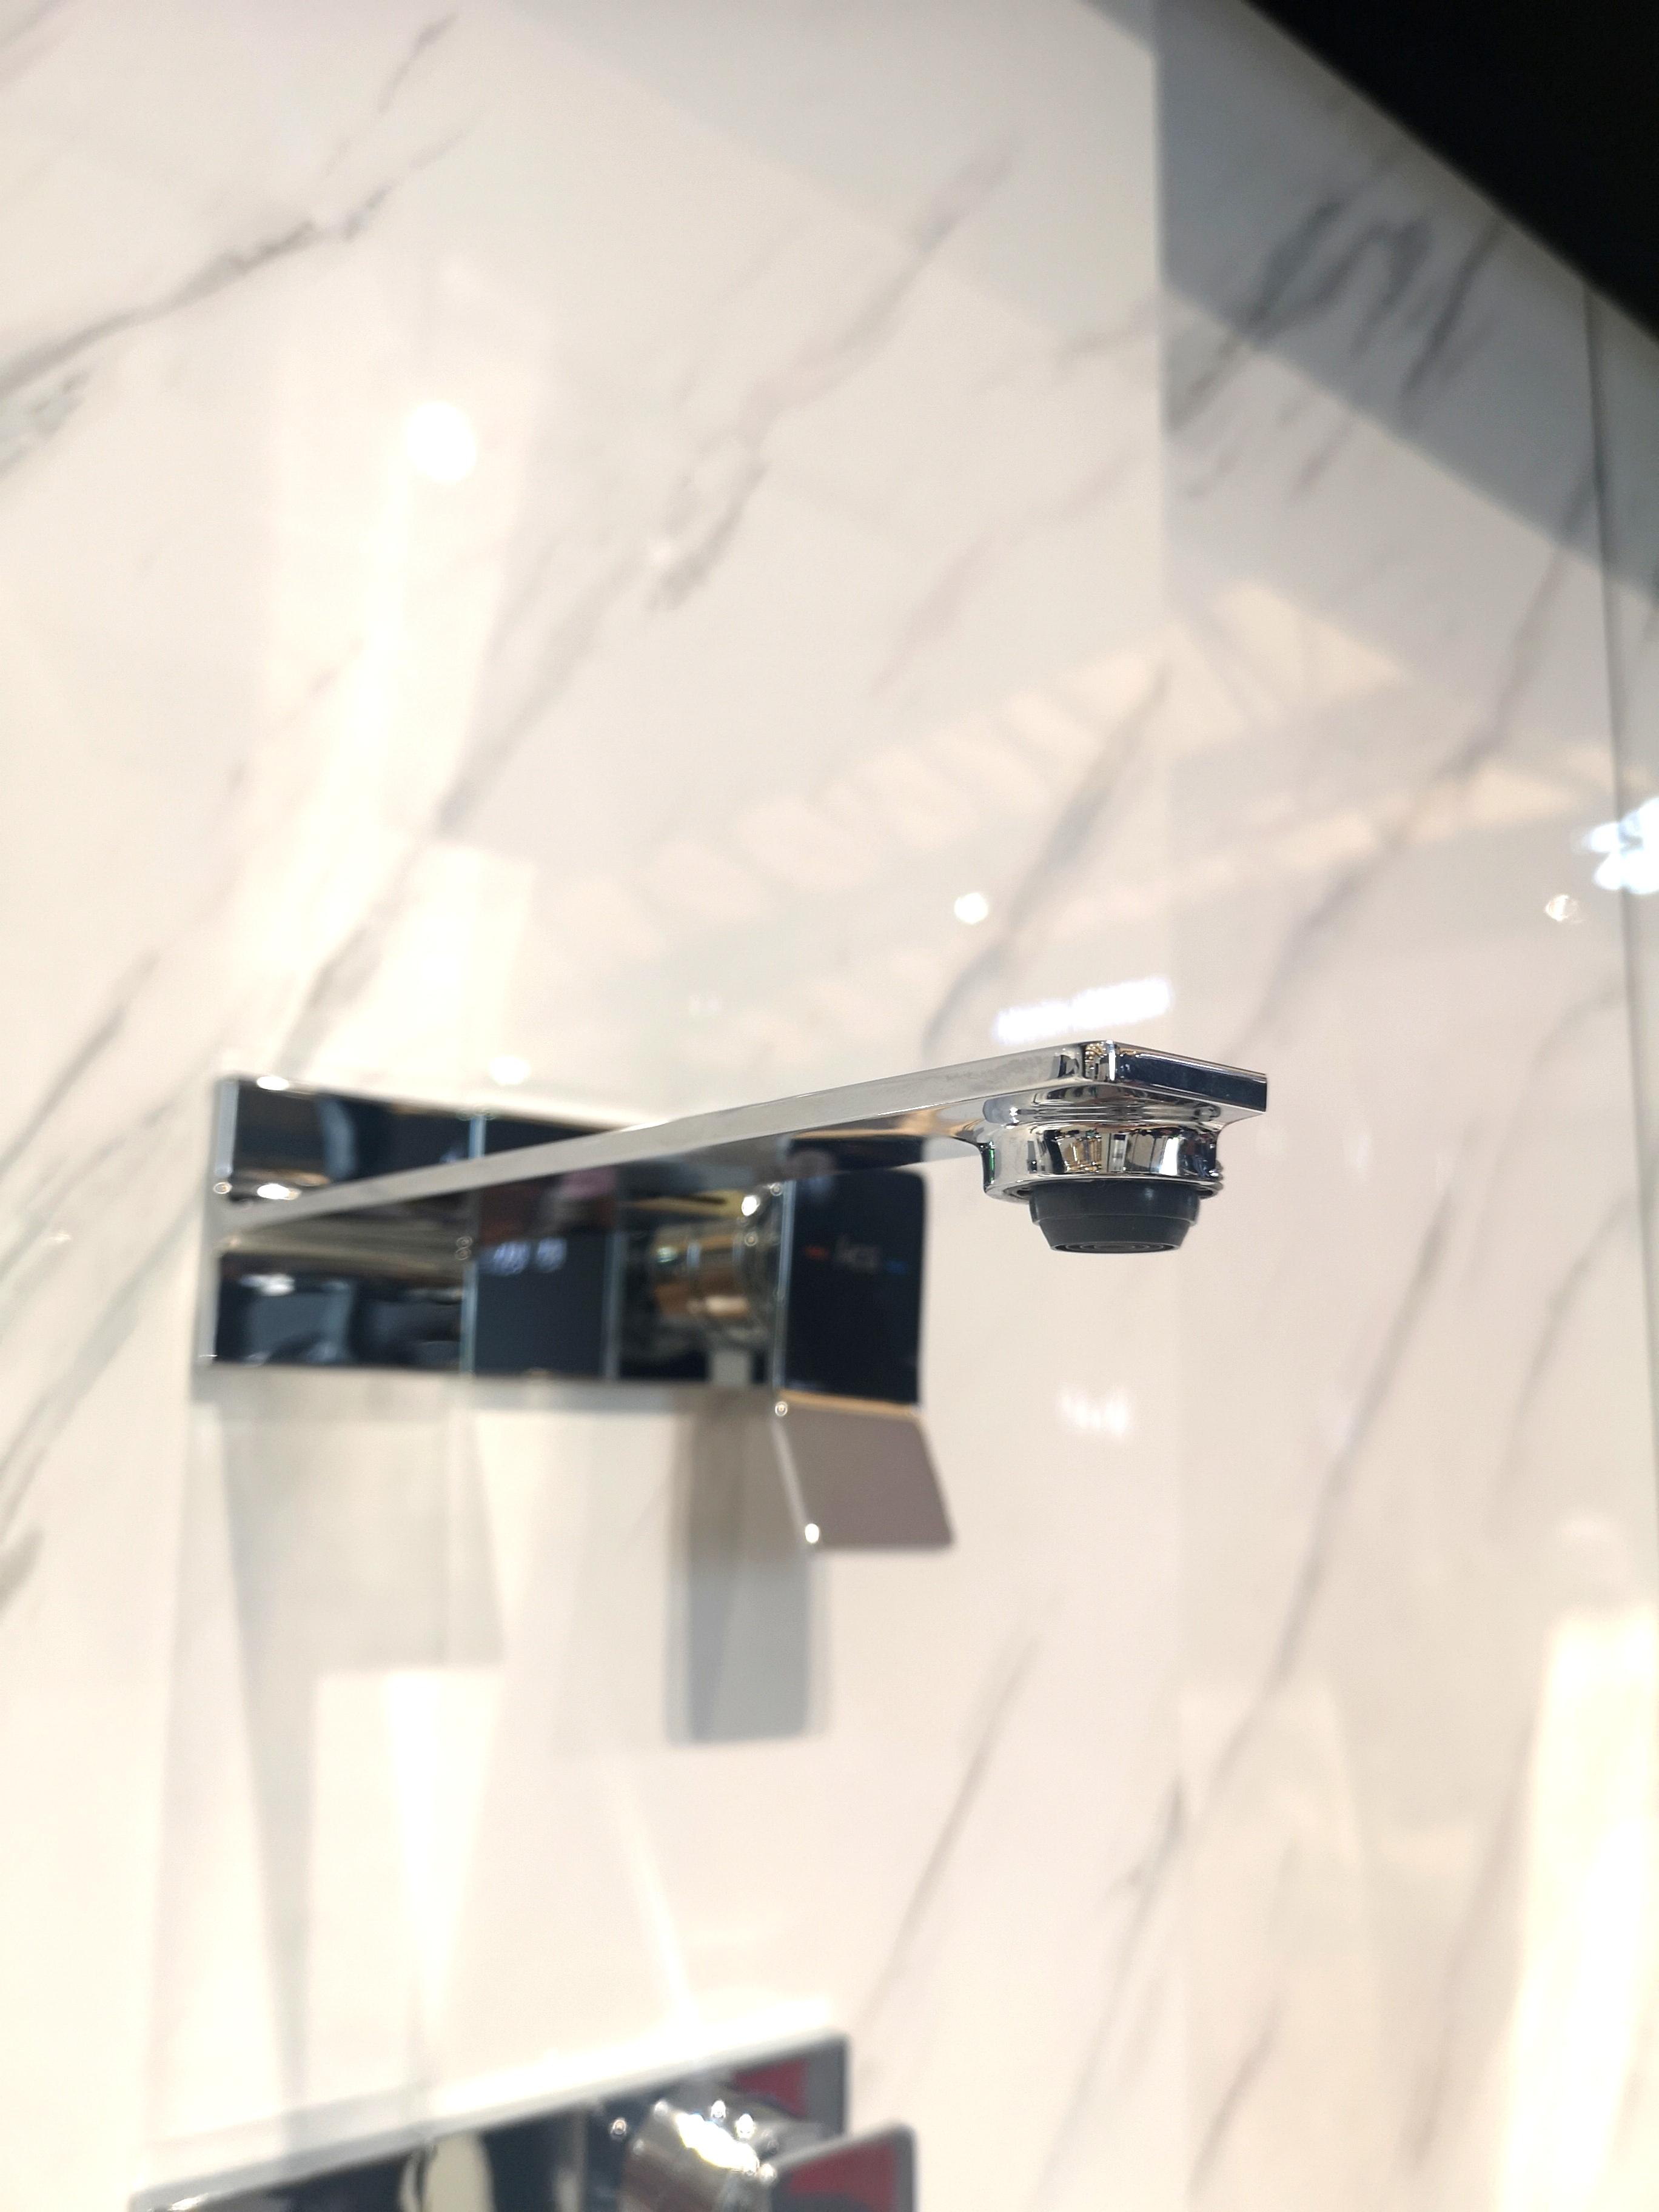 """和成卫浴:2019年上海国际厨卫展,最轻薄的全铜水龙头横空出世,唯有""""5cm""""超薄极致工艺,以方正之姿,彰显不凡!"""